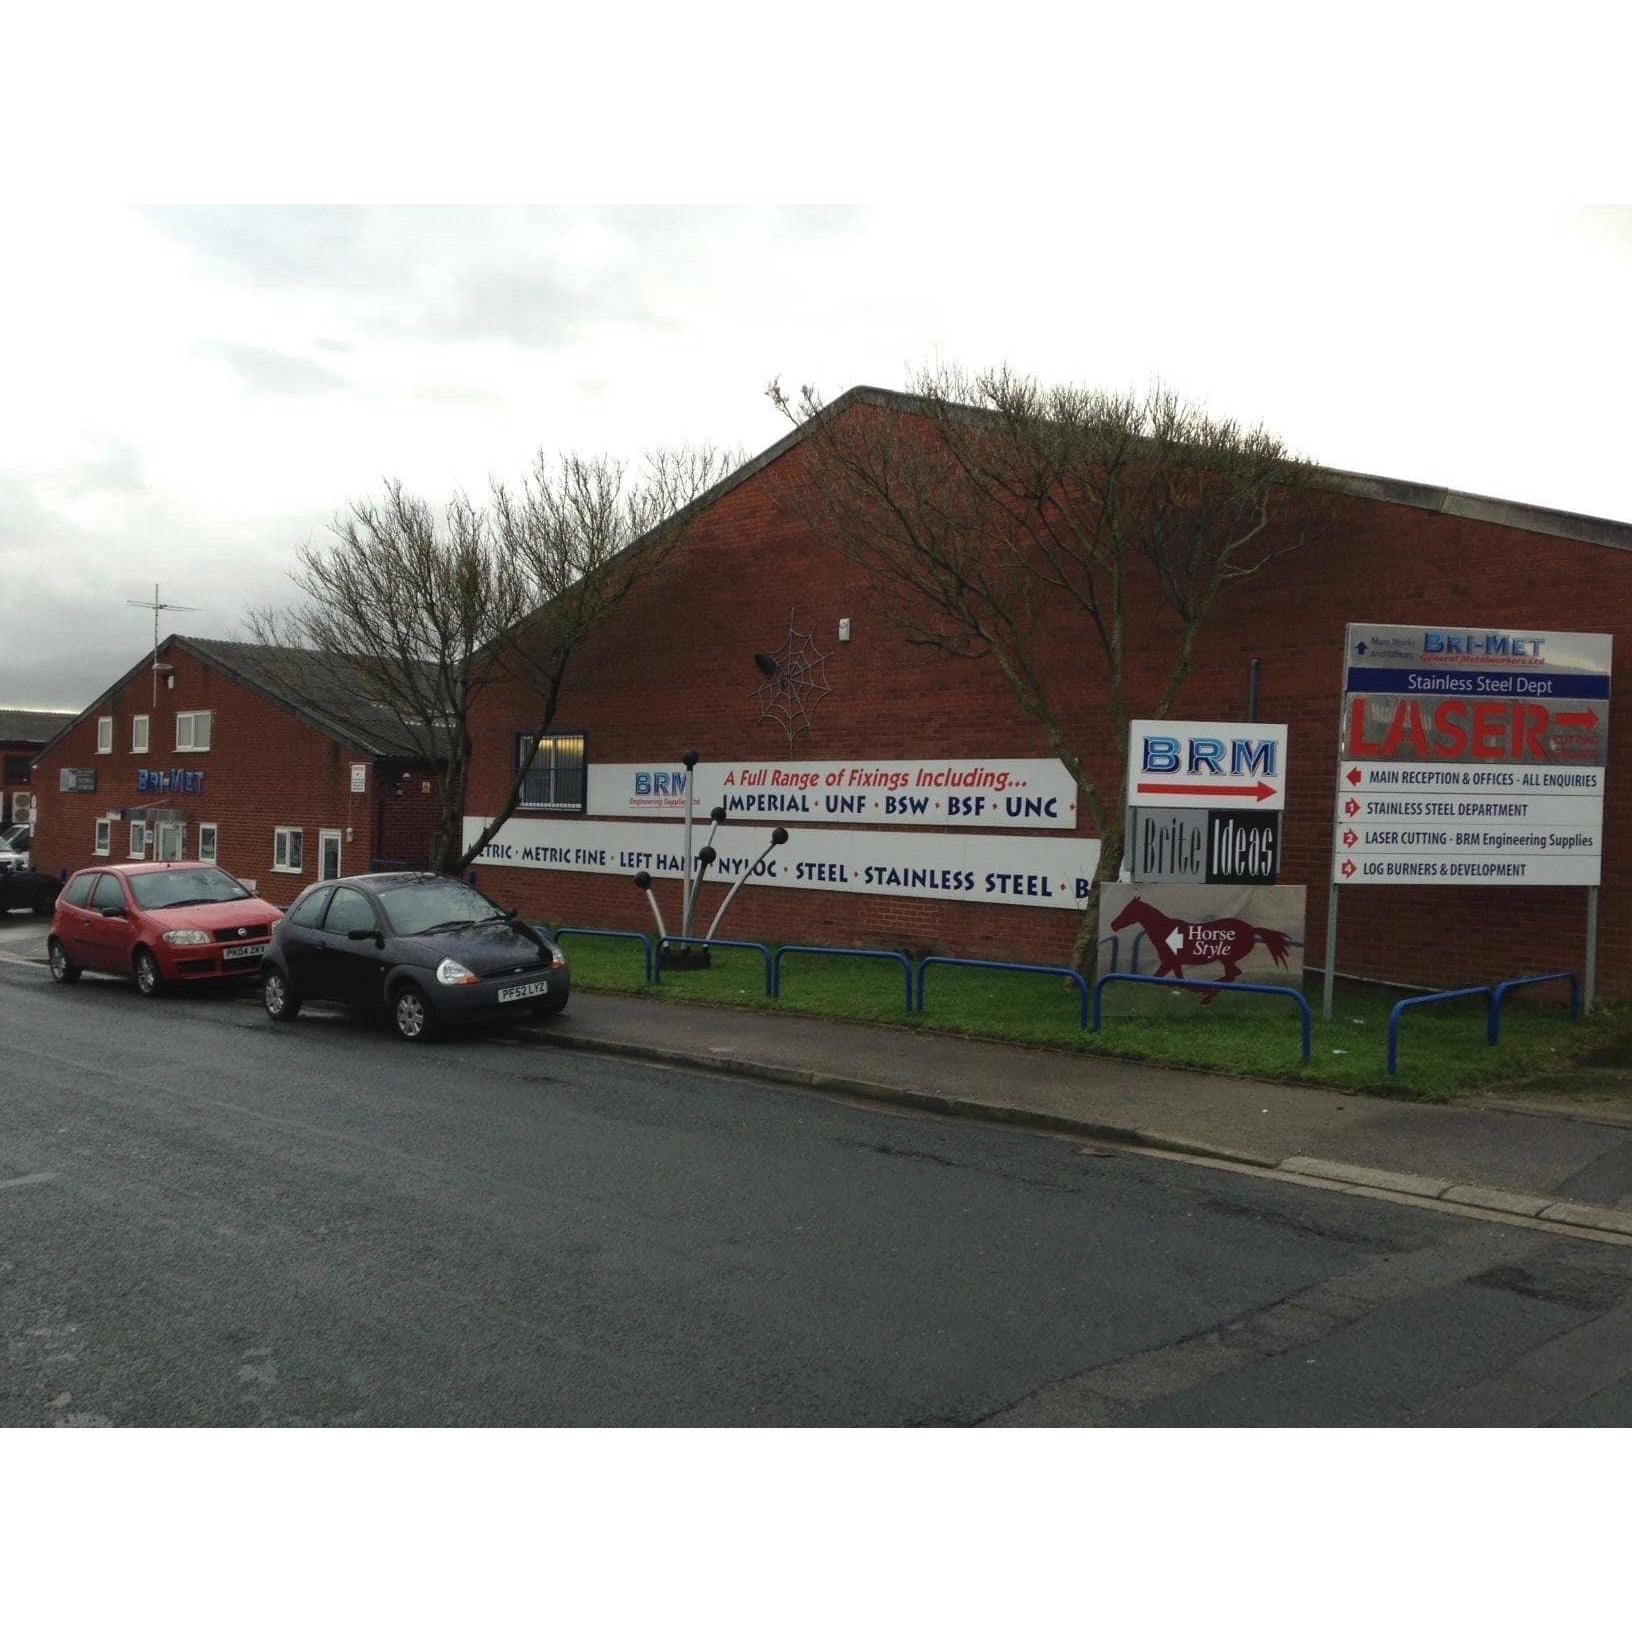 Bri-Met / BRM Engineering Supplies - Poulton-Le-Fylde, Lancashire FY6 8JF - 01253 895194 | ShowMeLocal.com